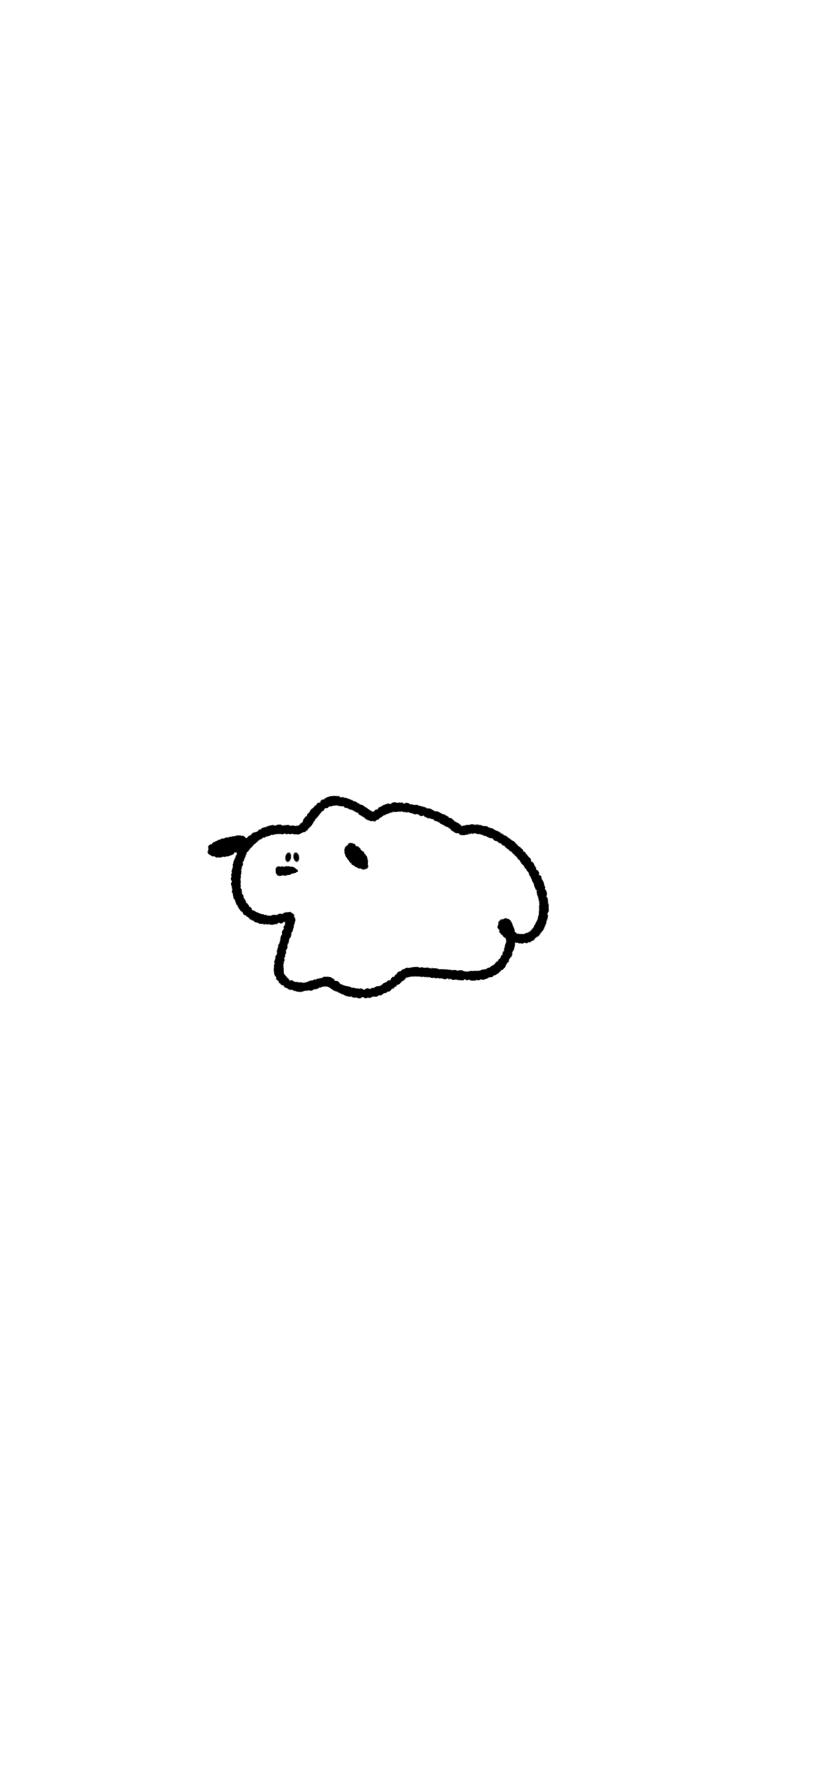 壁紙犬イラスト